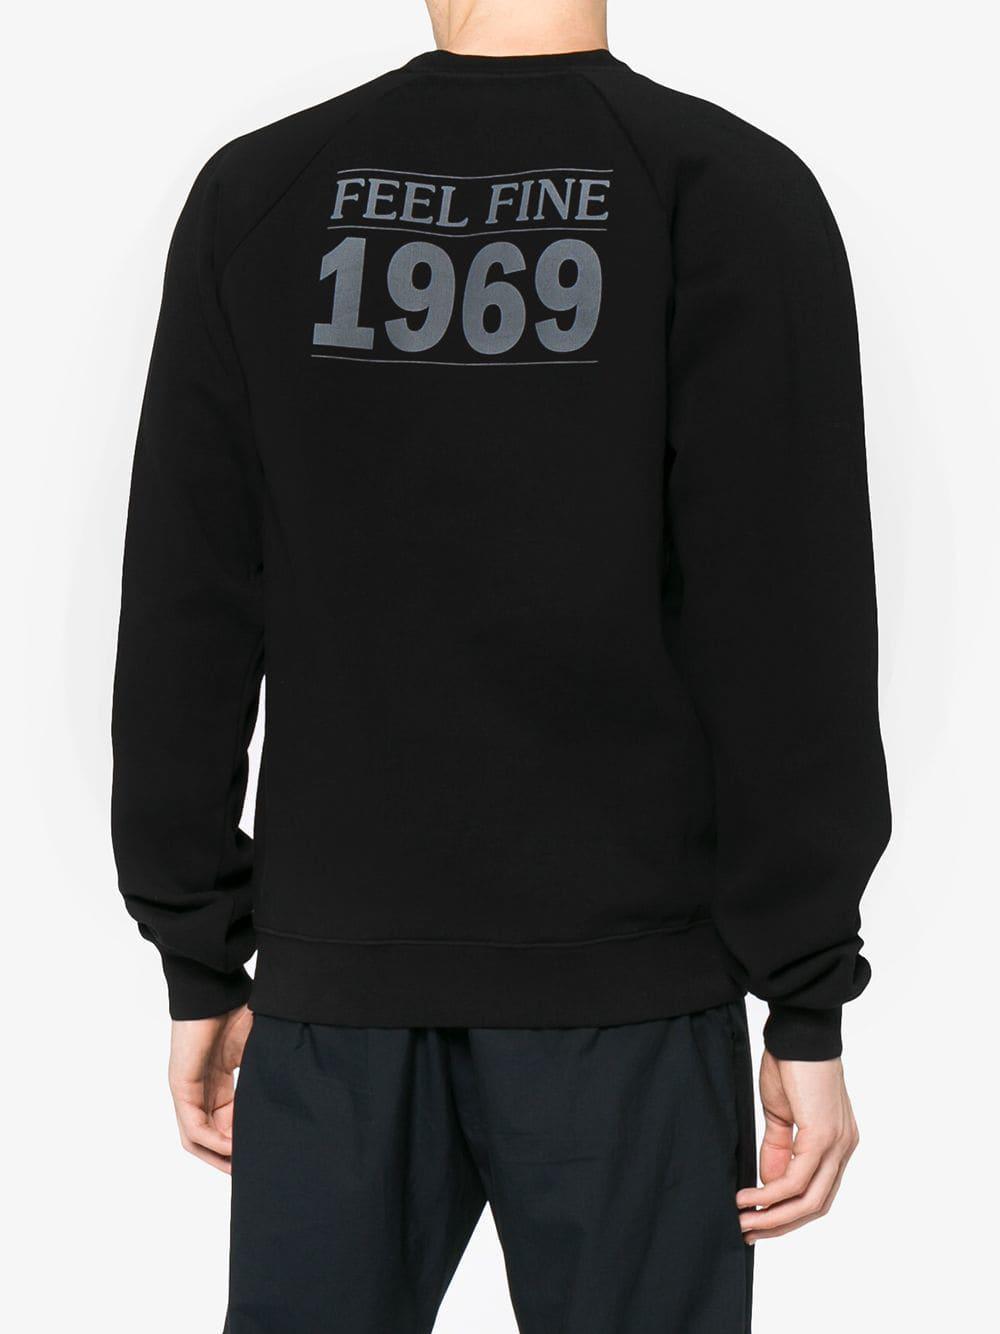 5ba379dc91d balenciaga sweater lyst off 60% - www.hydro-m2ac.com